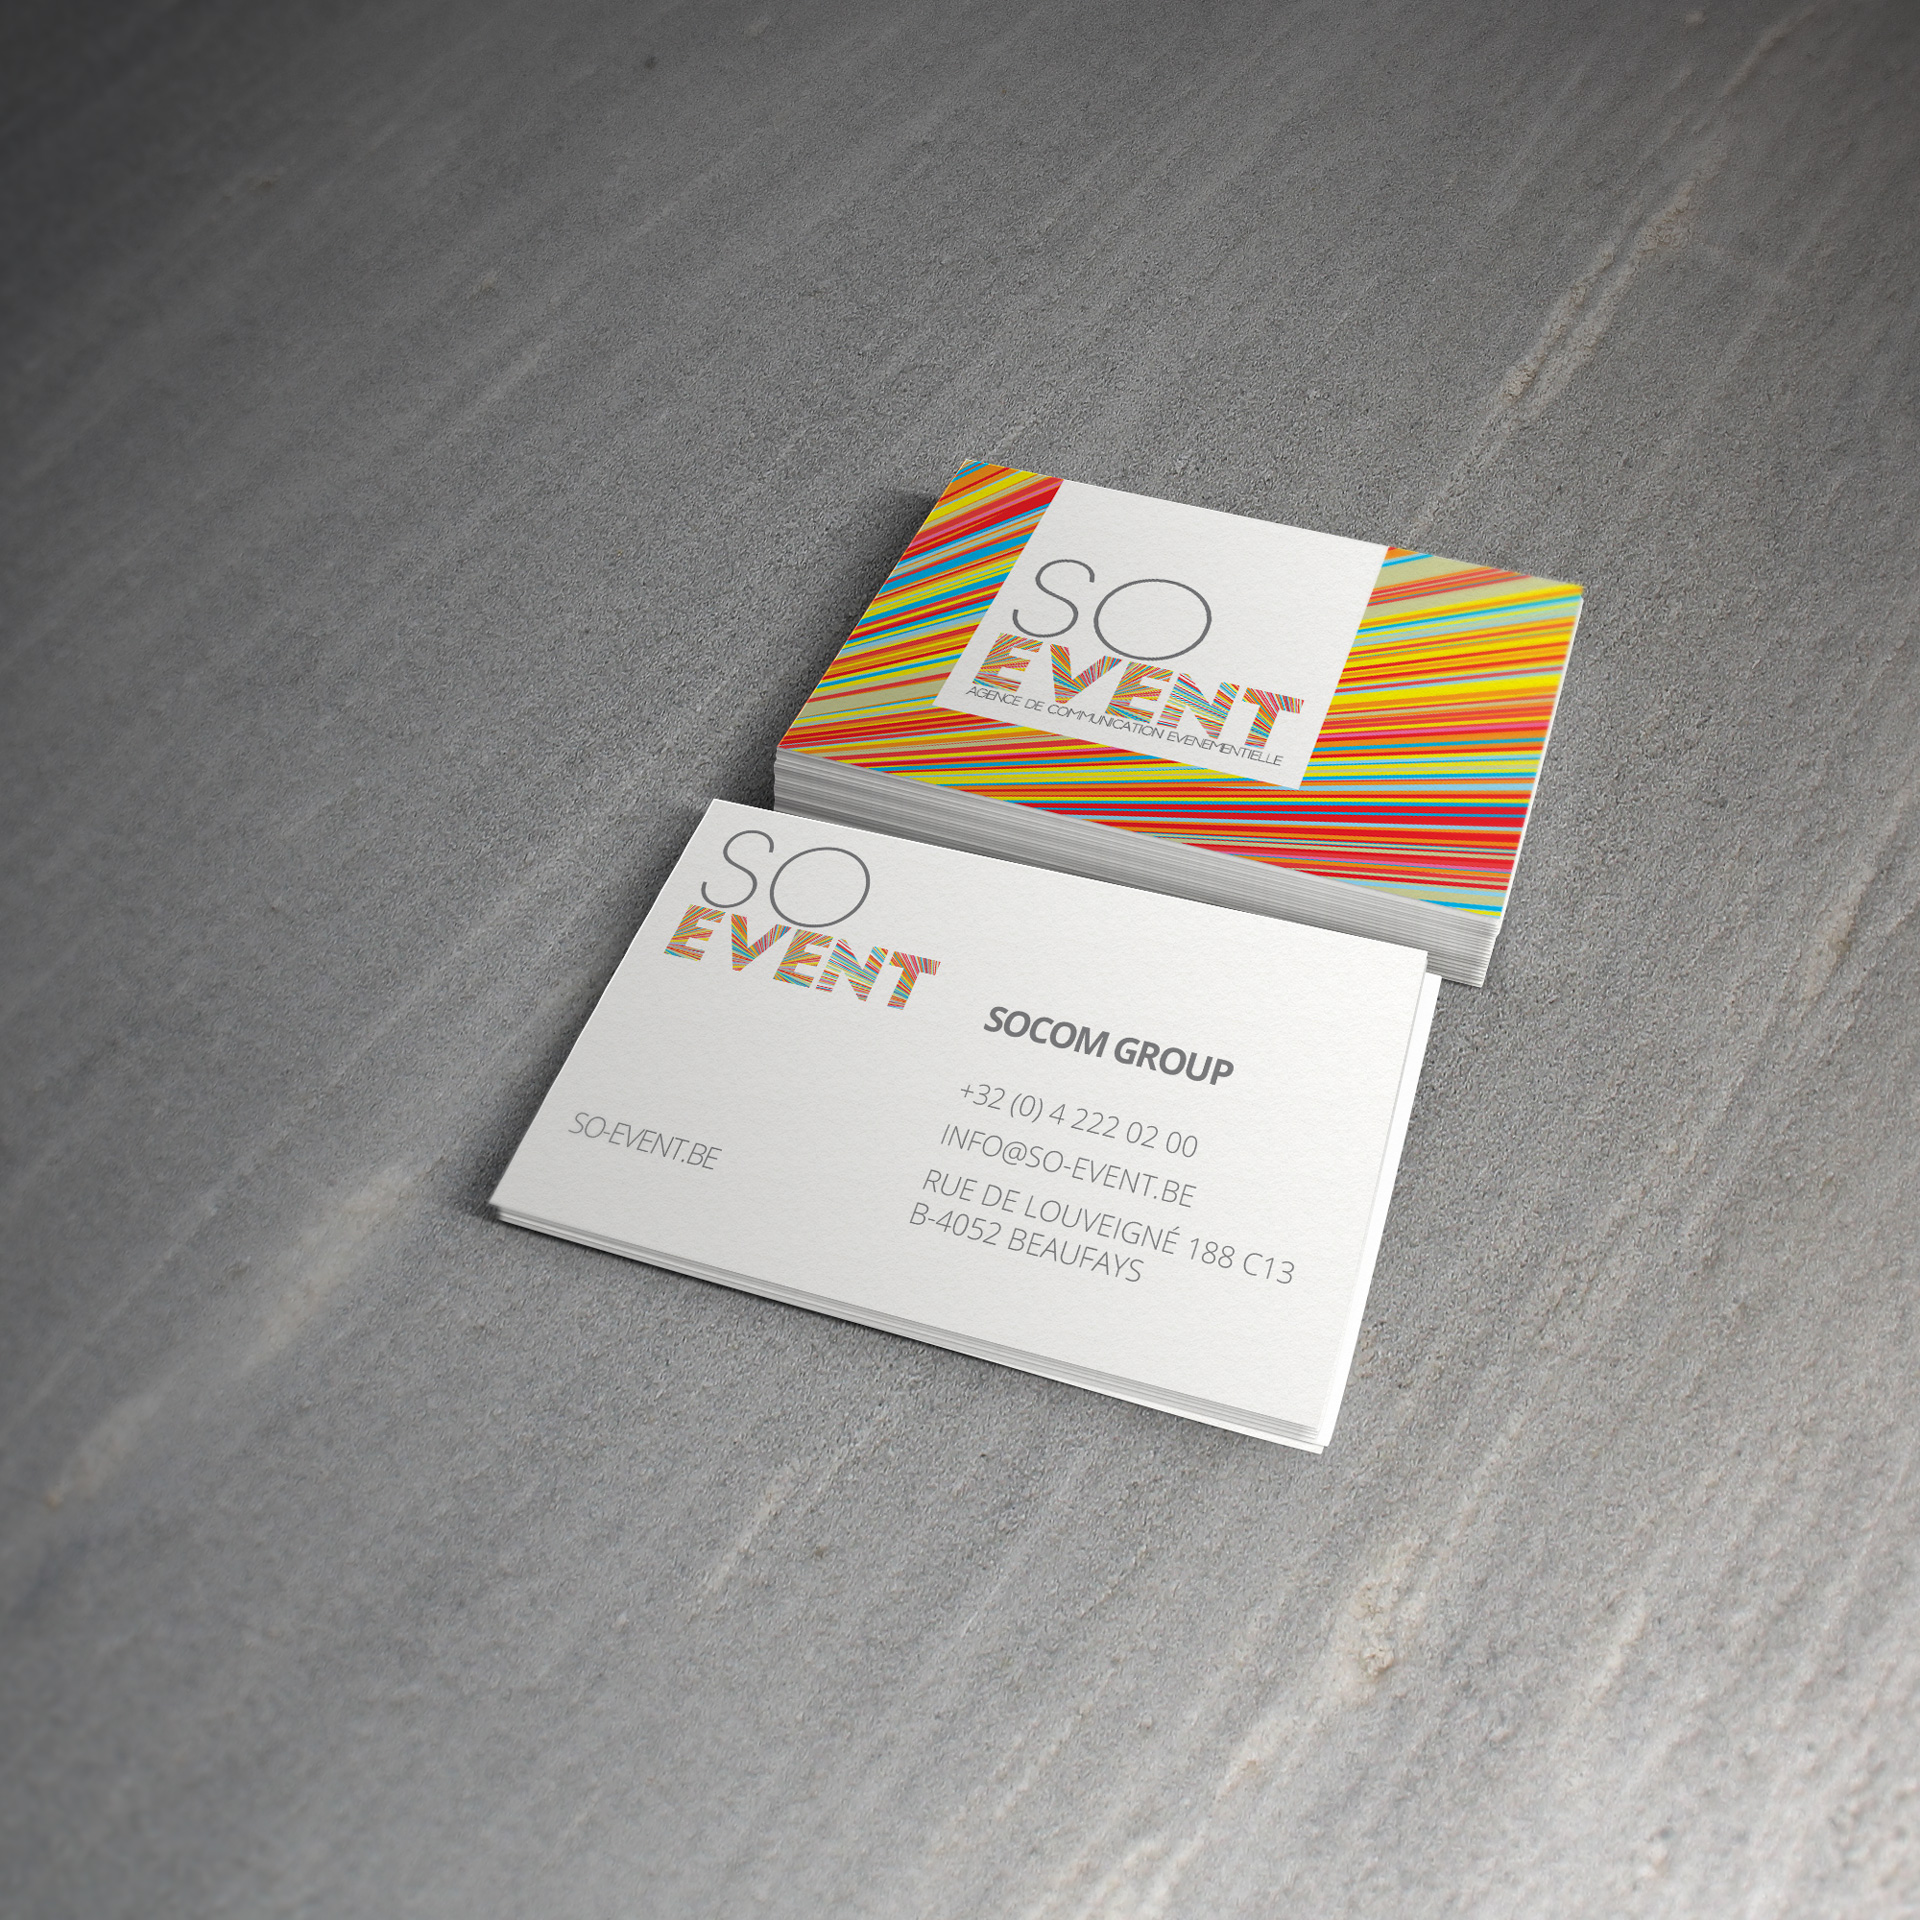 SO EVENT CARTE DE VISITE